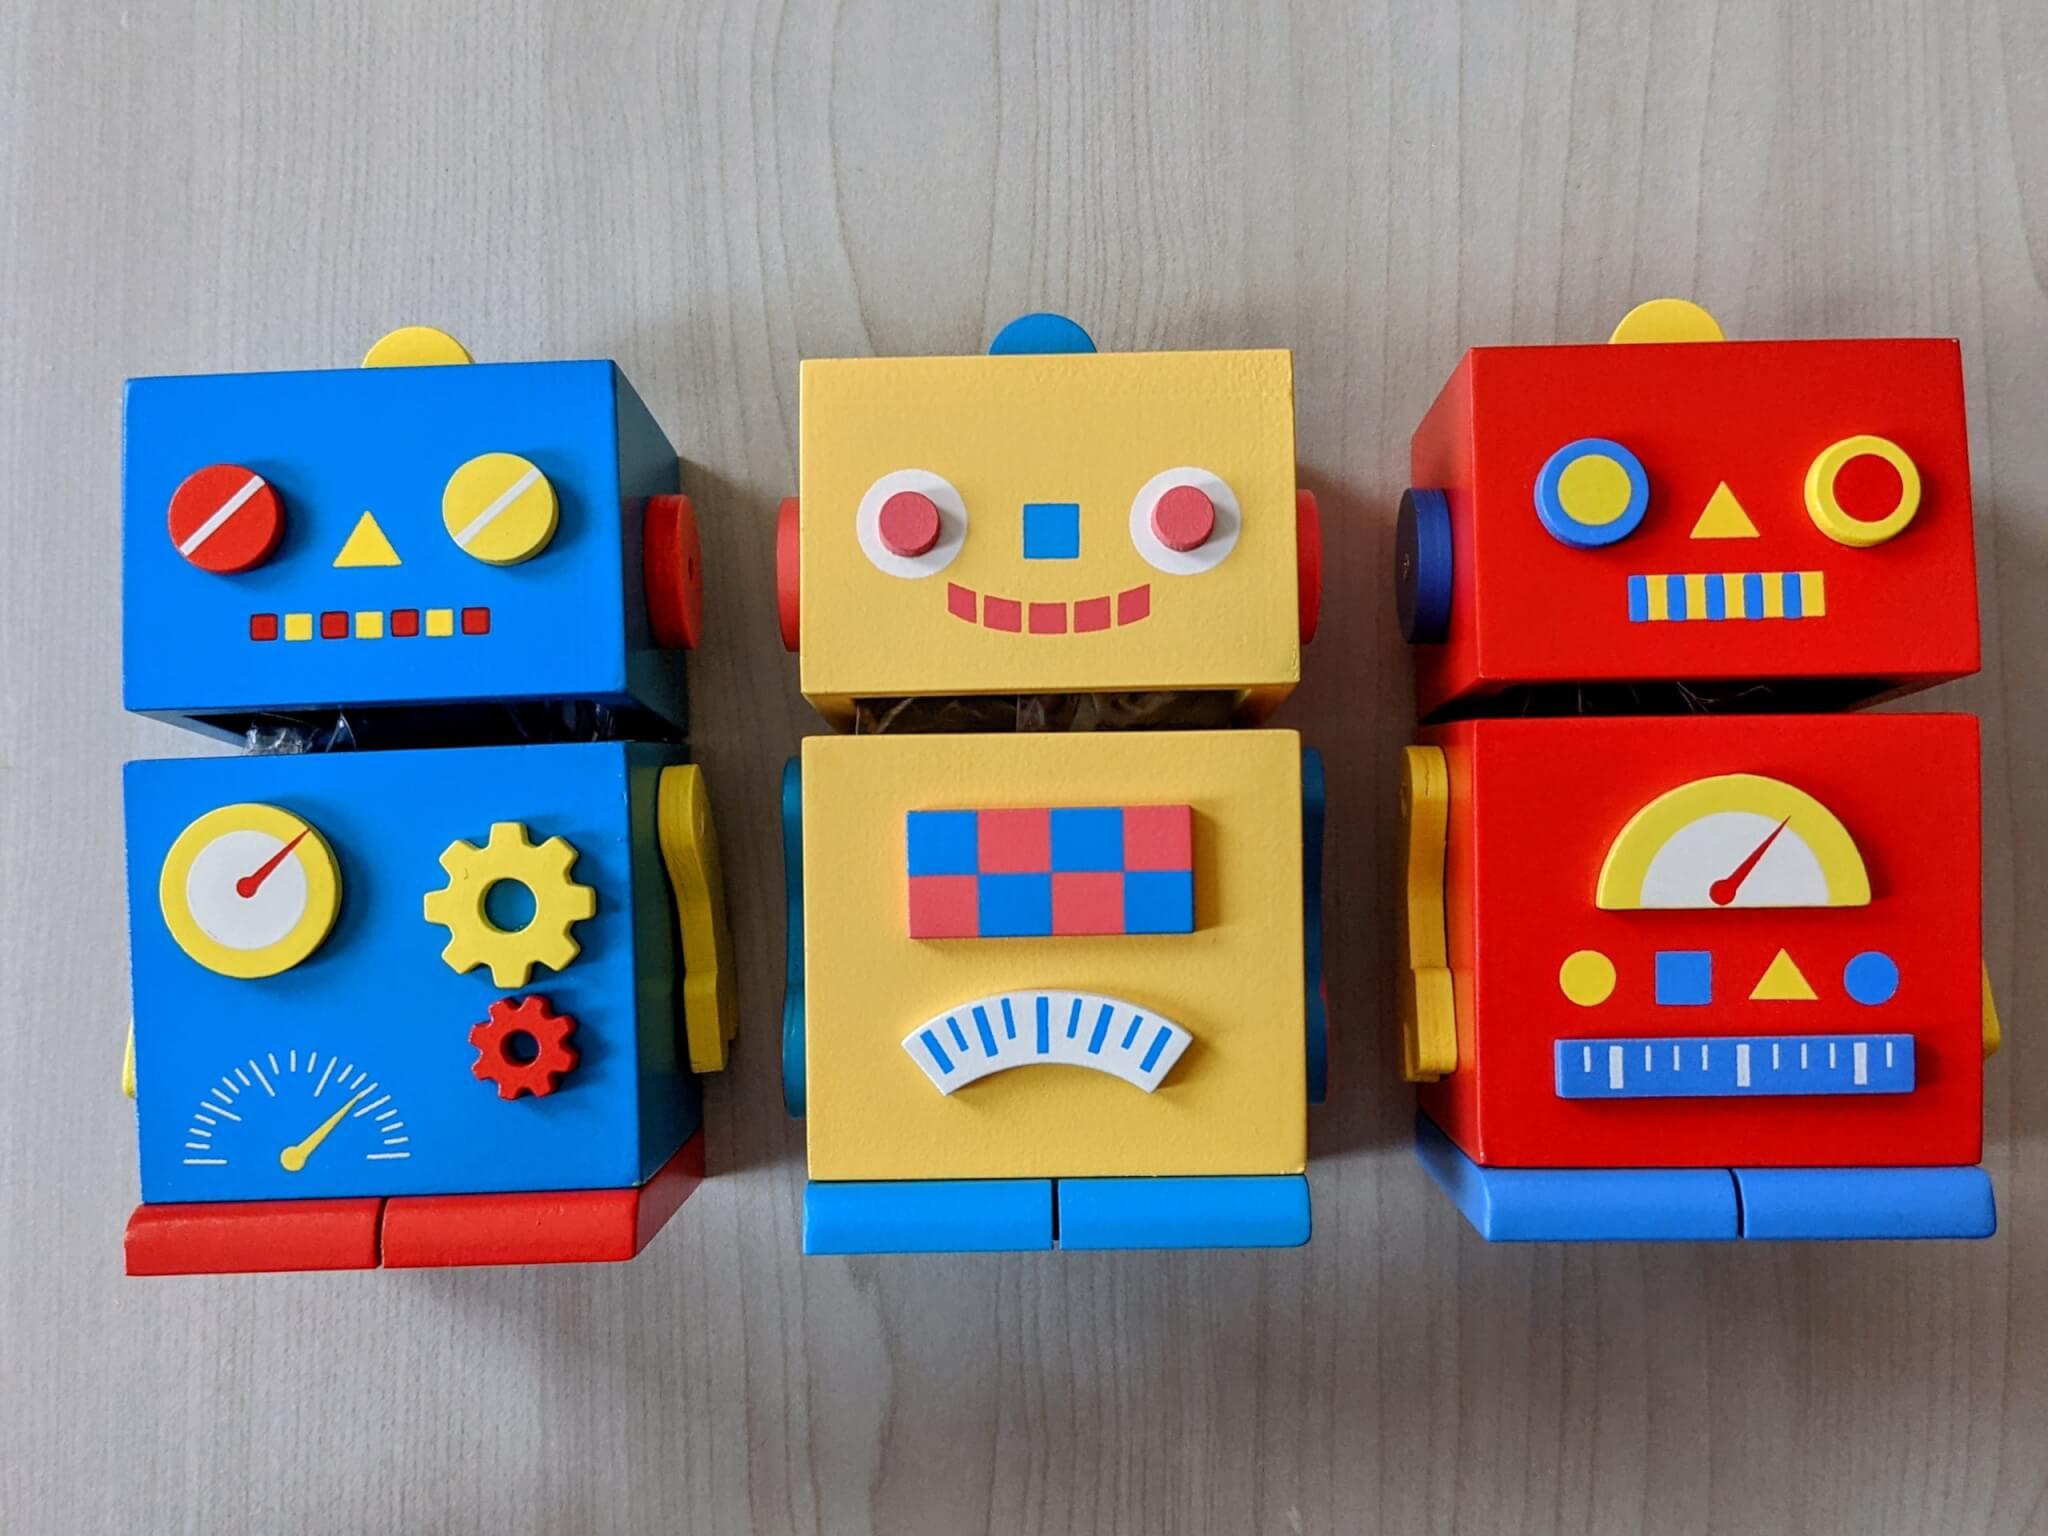 ロボットウッドボックス(チョコレート入り)